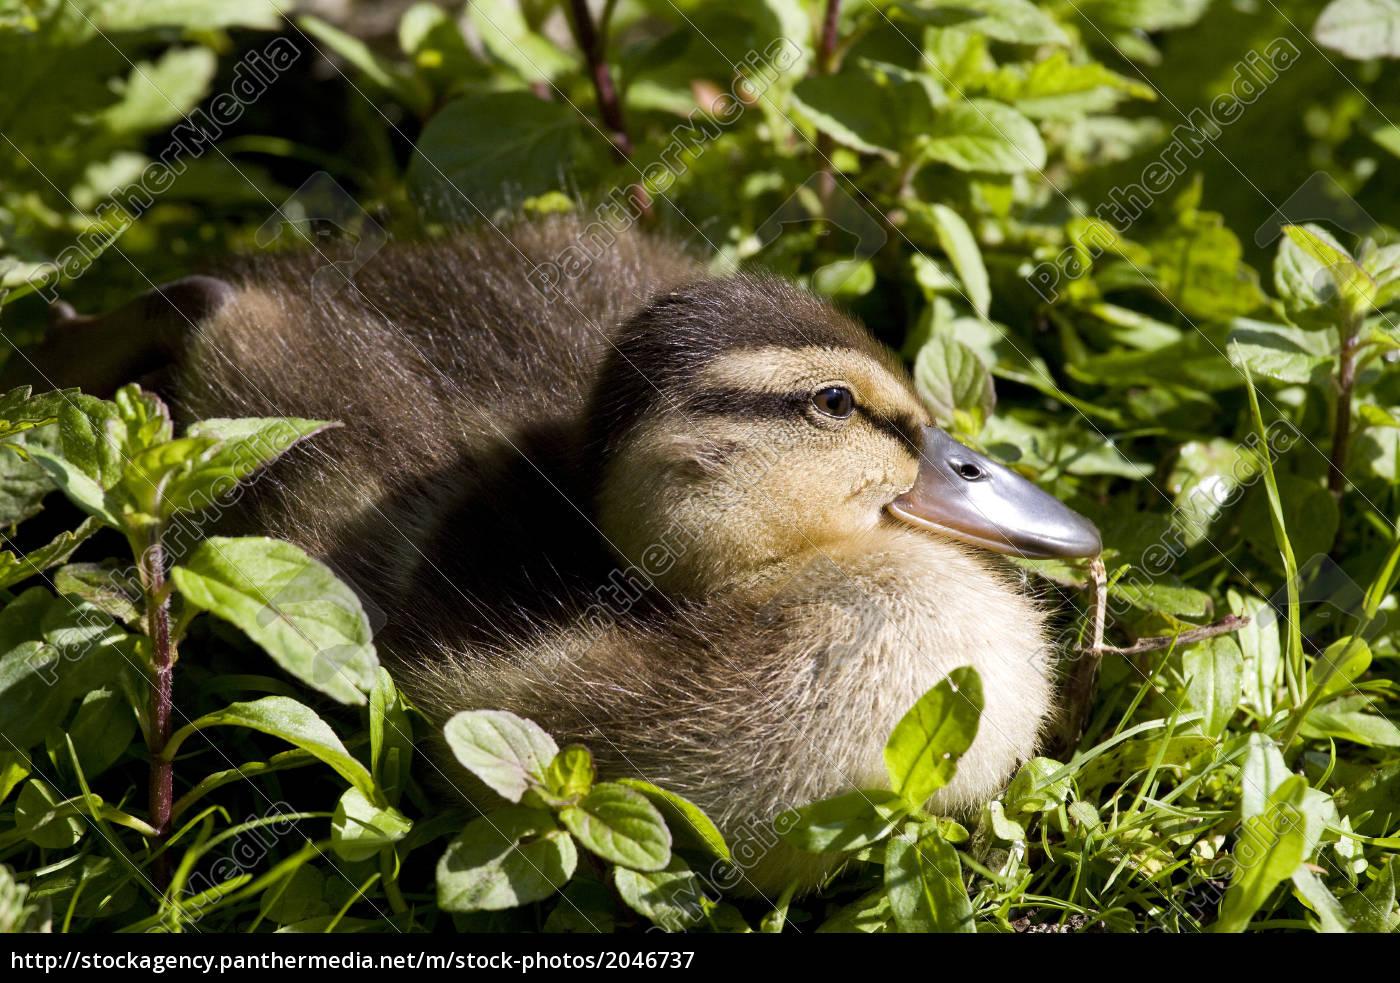 little, ducklings - 2046737